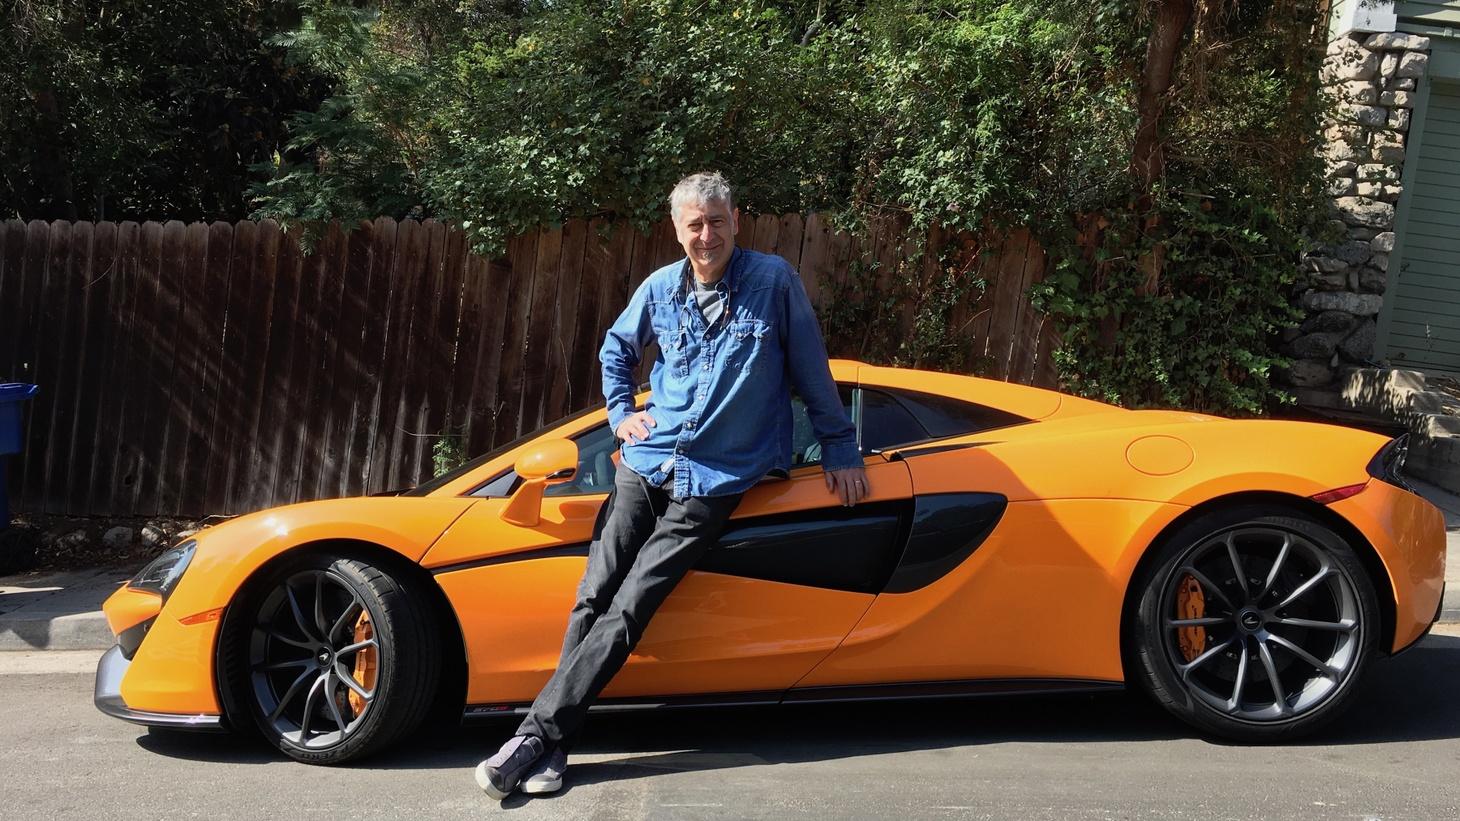 Tod Mesirow and the McLaren